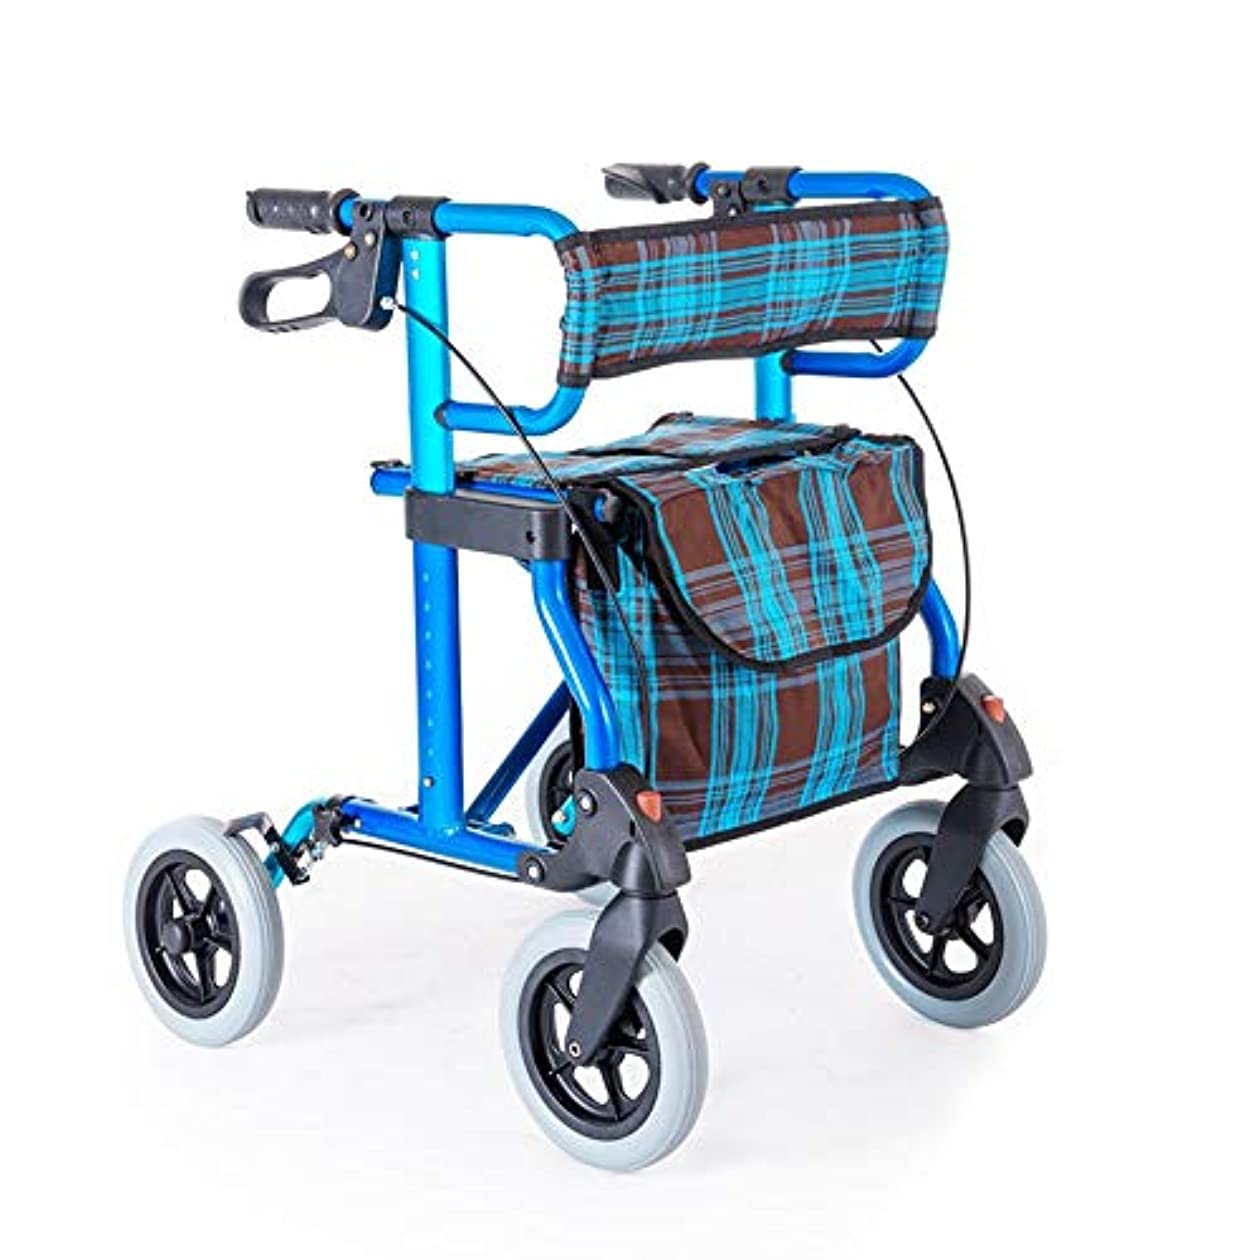 受け取る倉庫放牧するシートダブルセーフティブレーキ調整可能な高さ4ホイールローリング老人ショッピングカート付き軽量折りたたみ歩行器